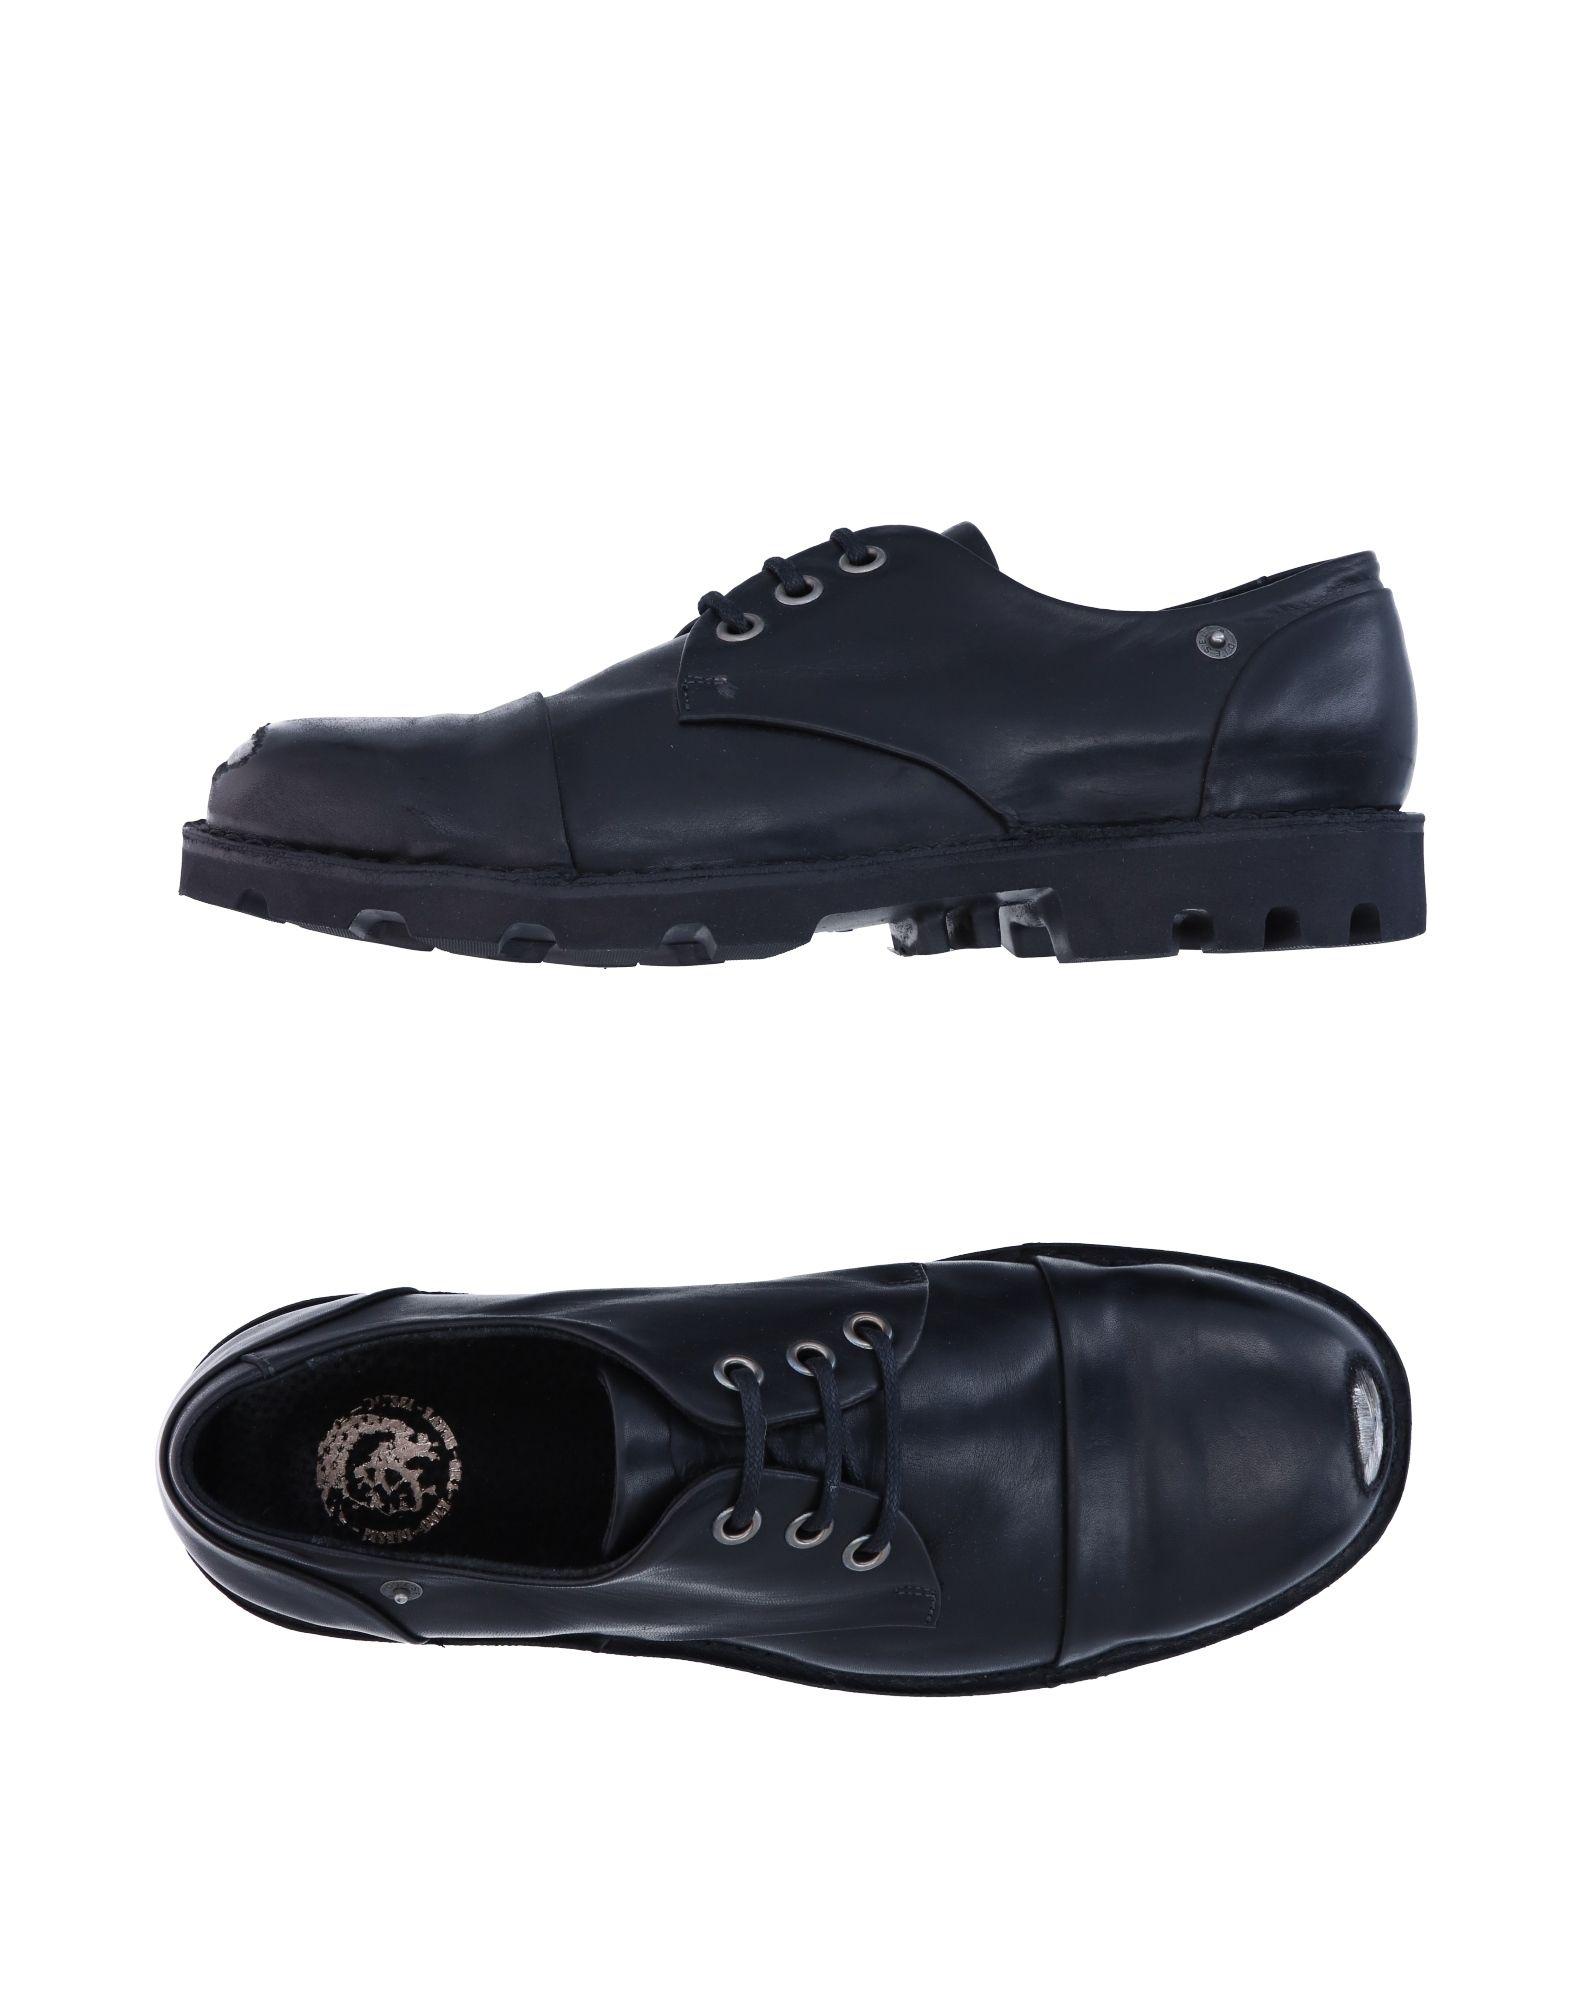 Diesel Schnürschuhe Herren  11308643NE Gute Qualität beliebte Schuhe